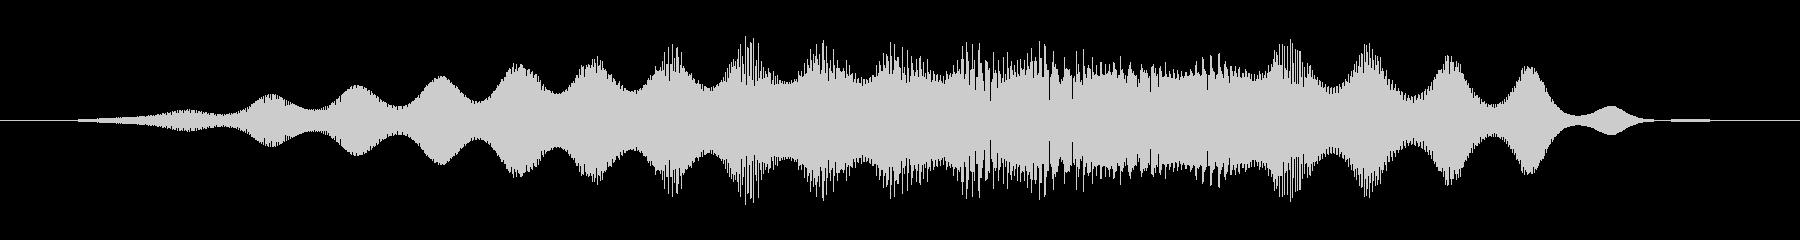 レトロバウンススイープ、高速、スペ...の未再生の波形